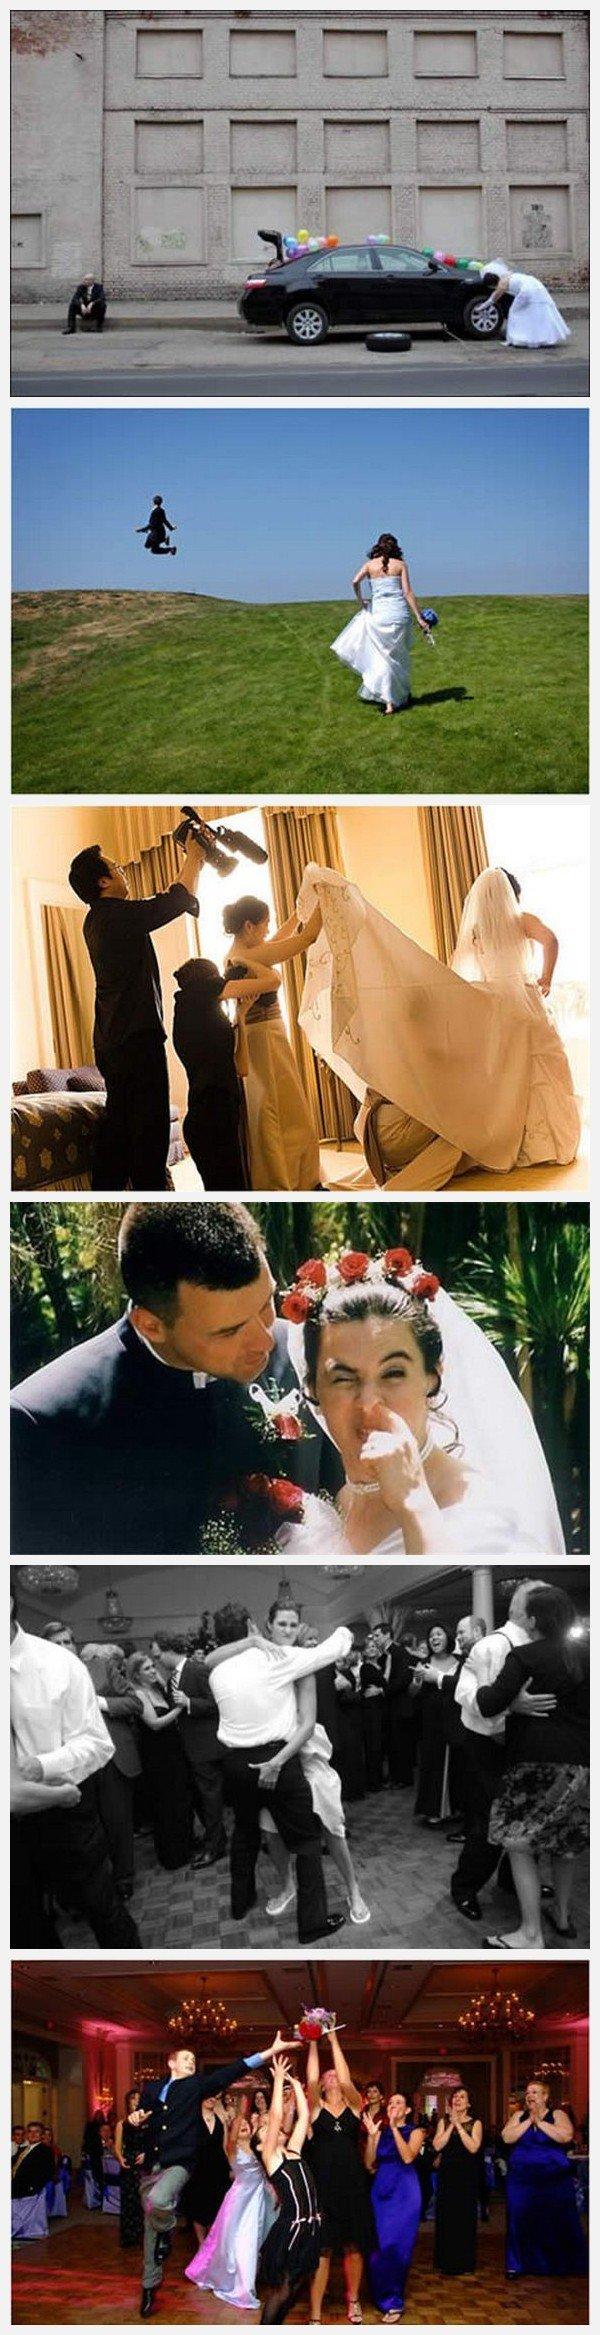 Wedding Photo fail pt2. Wedding photo fail pt 1 funnyjunk.com/funny_pictures/1990731/Wedding+Photo+fail/. Wedding Photo fail